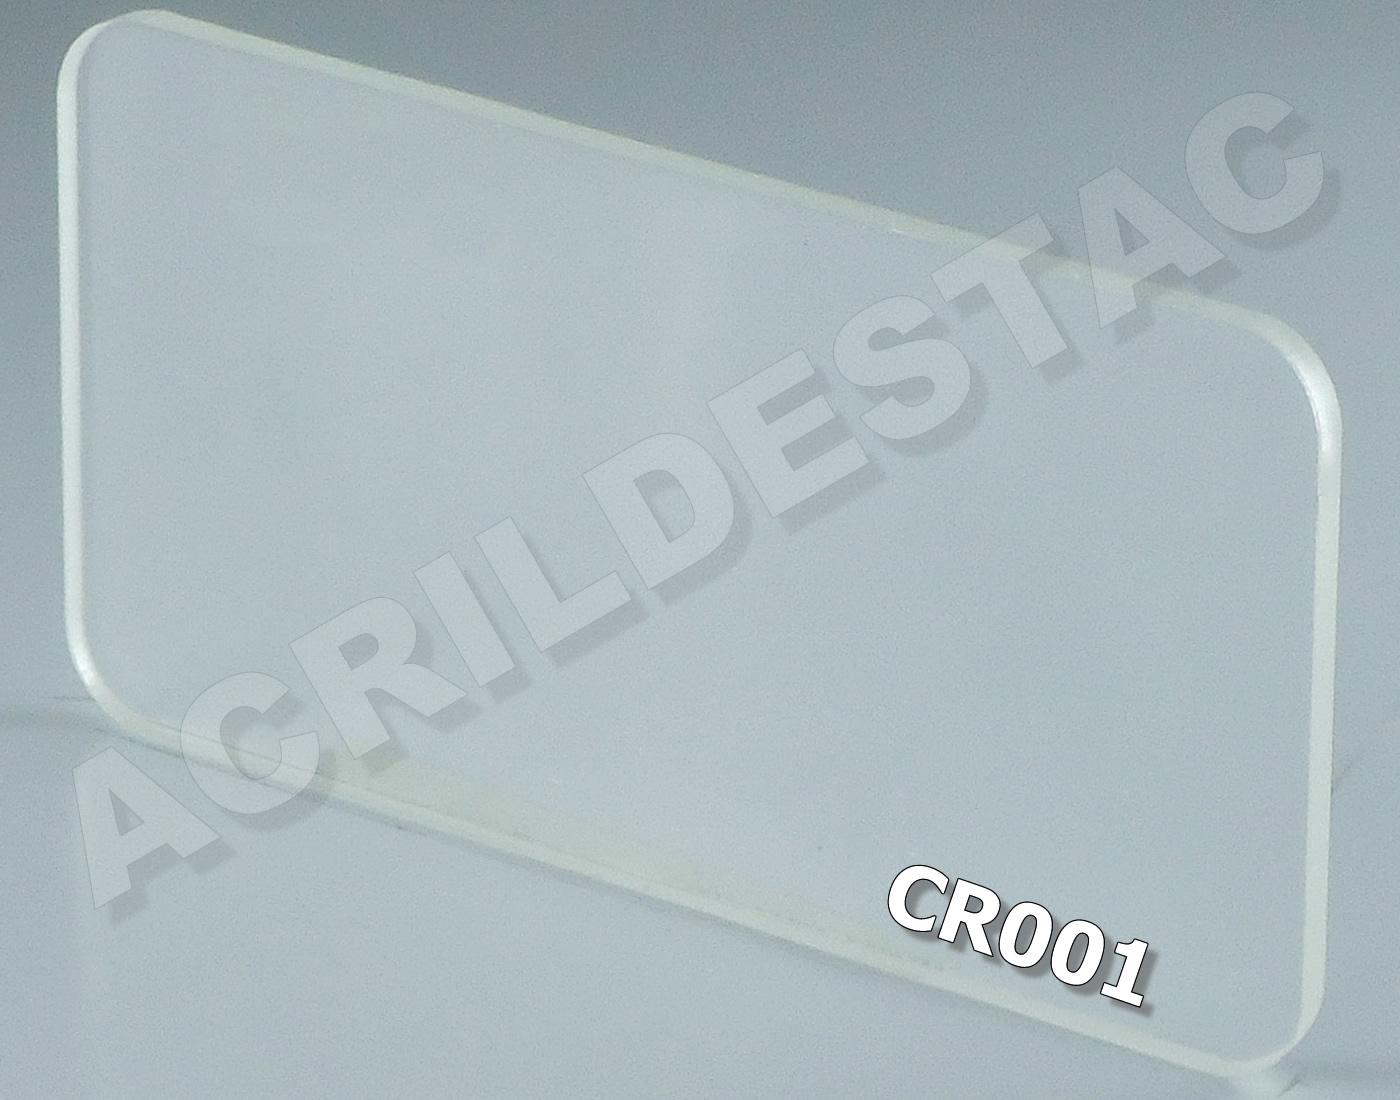 0.50 x 0.50 - 4mm - CRISTAL Transparente PL-CR001 -